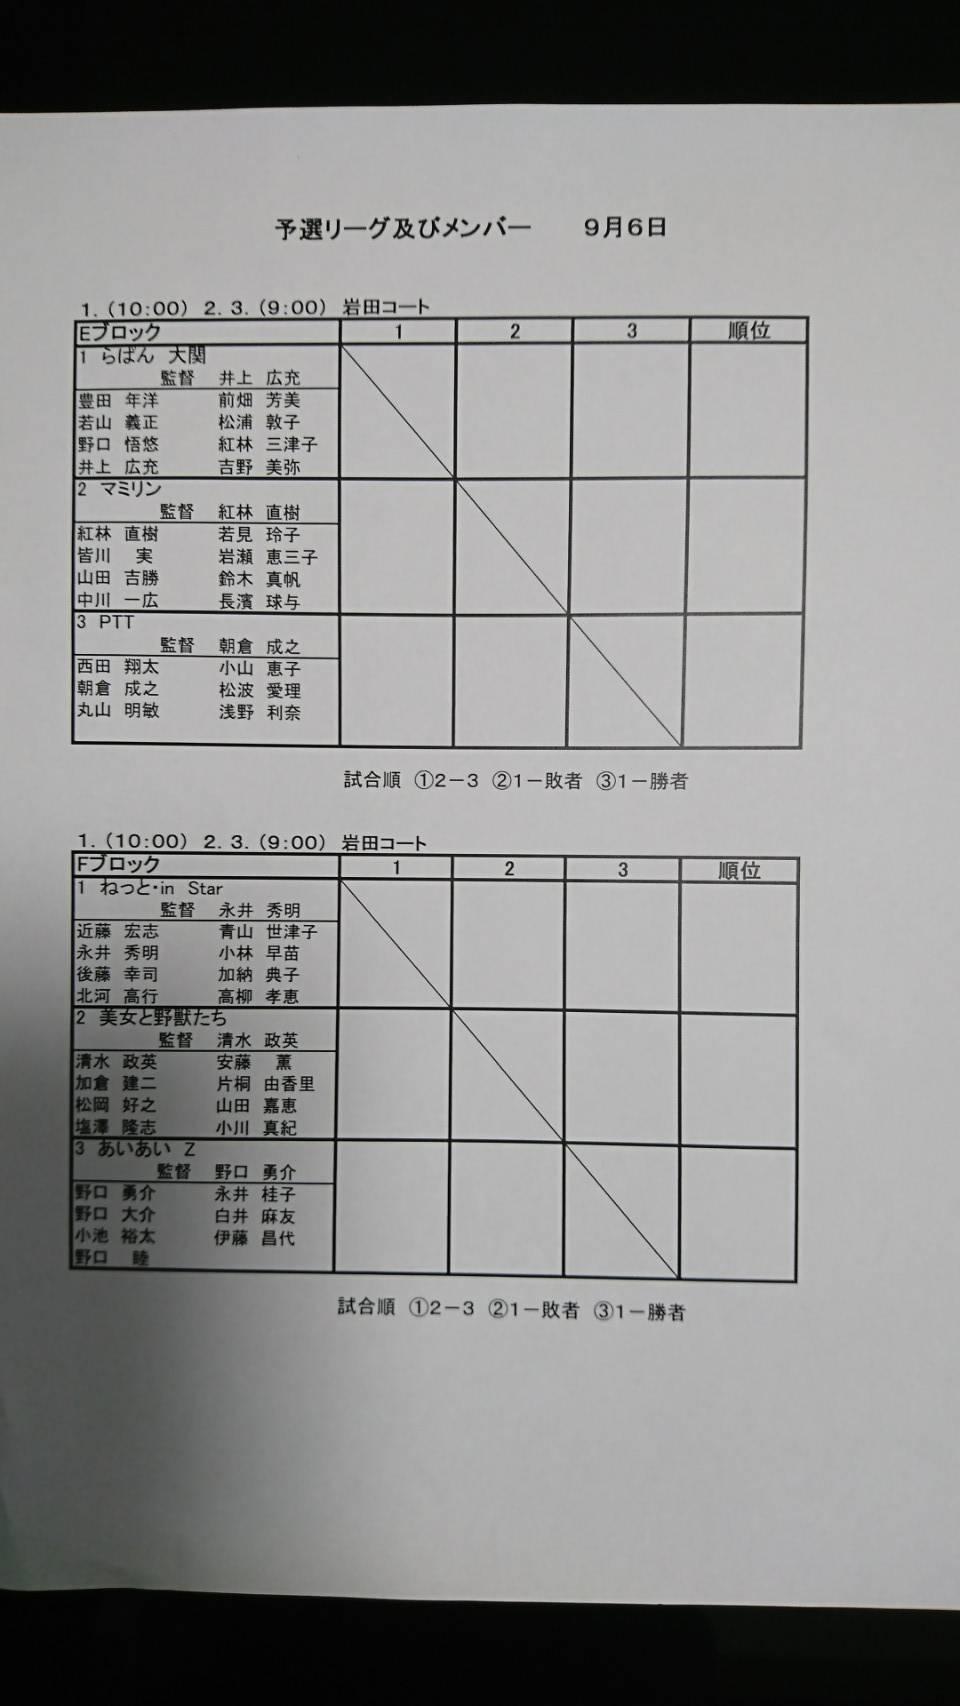 クラブ対抗戦-予選リーグ3ドロー